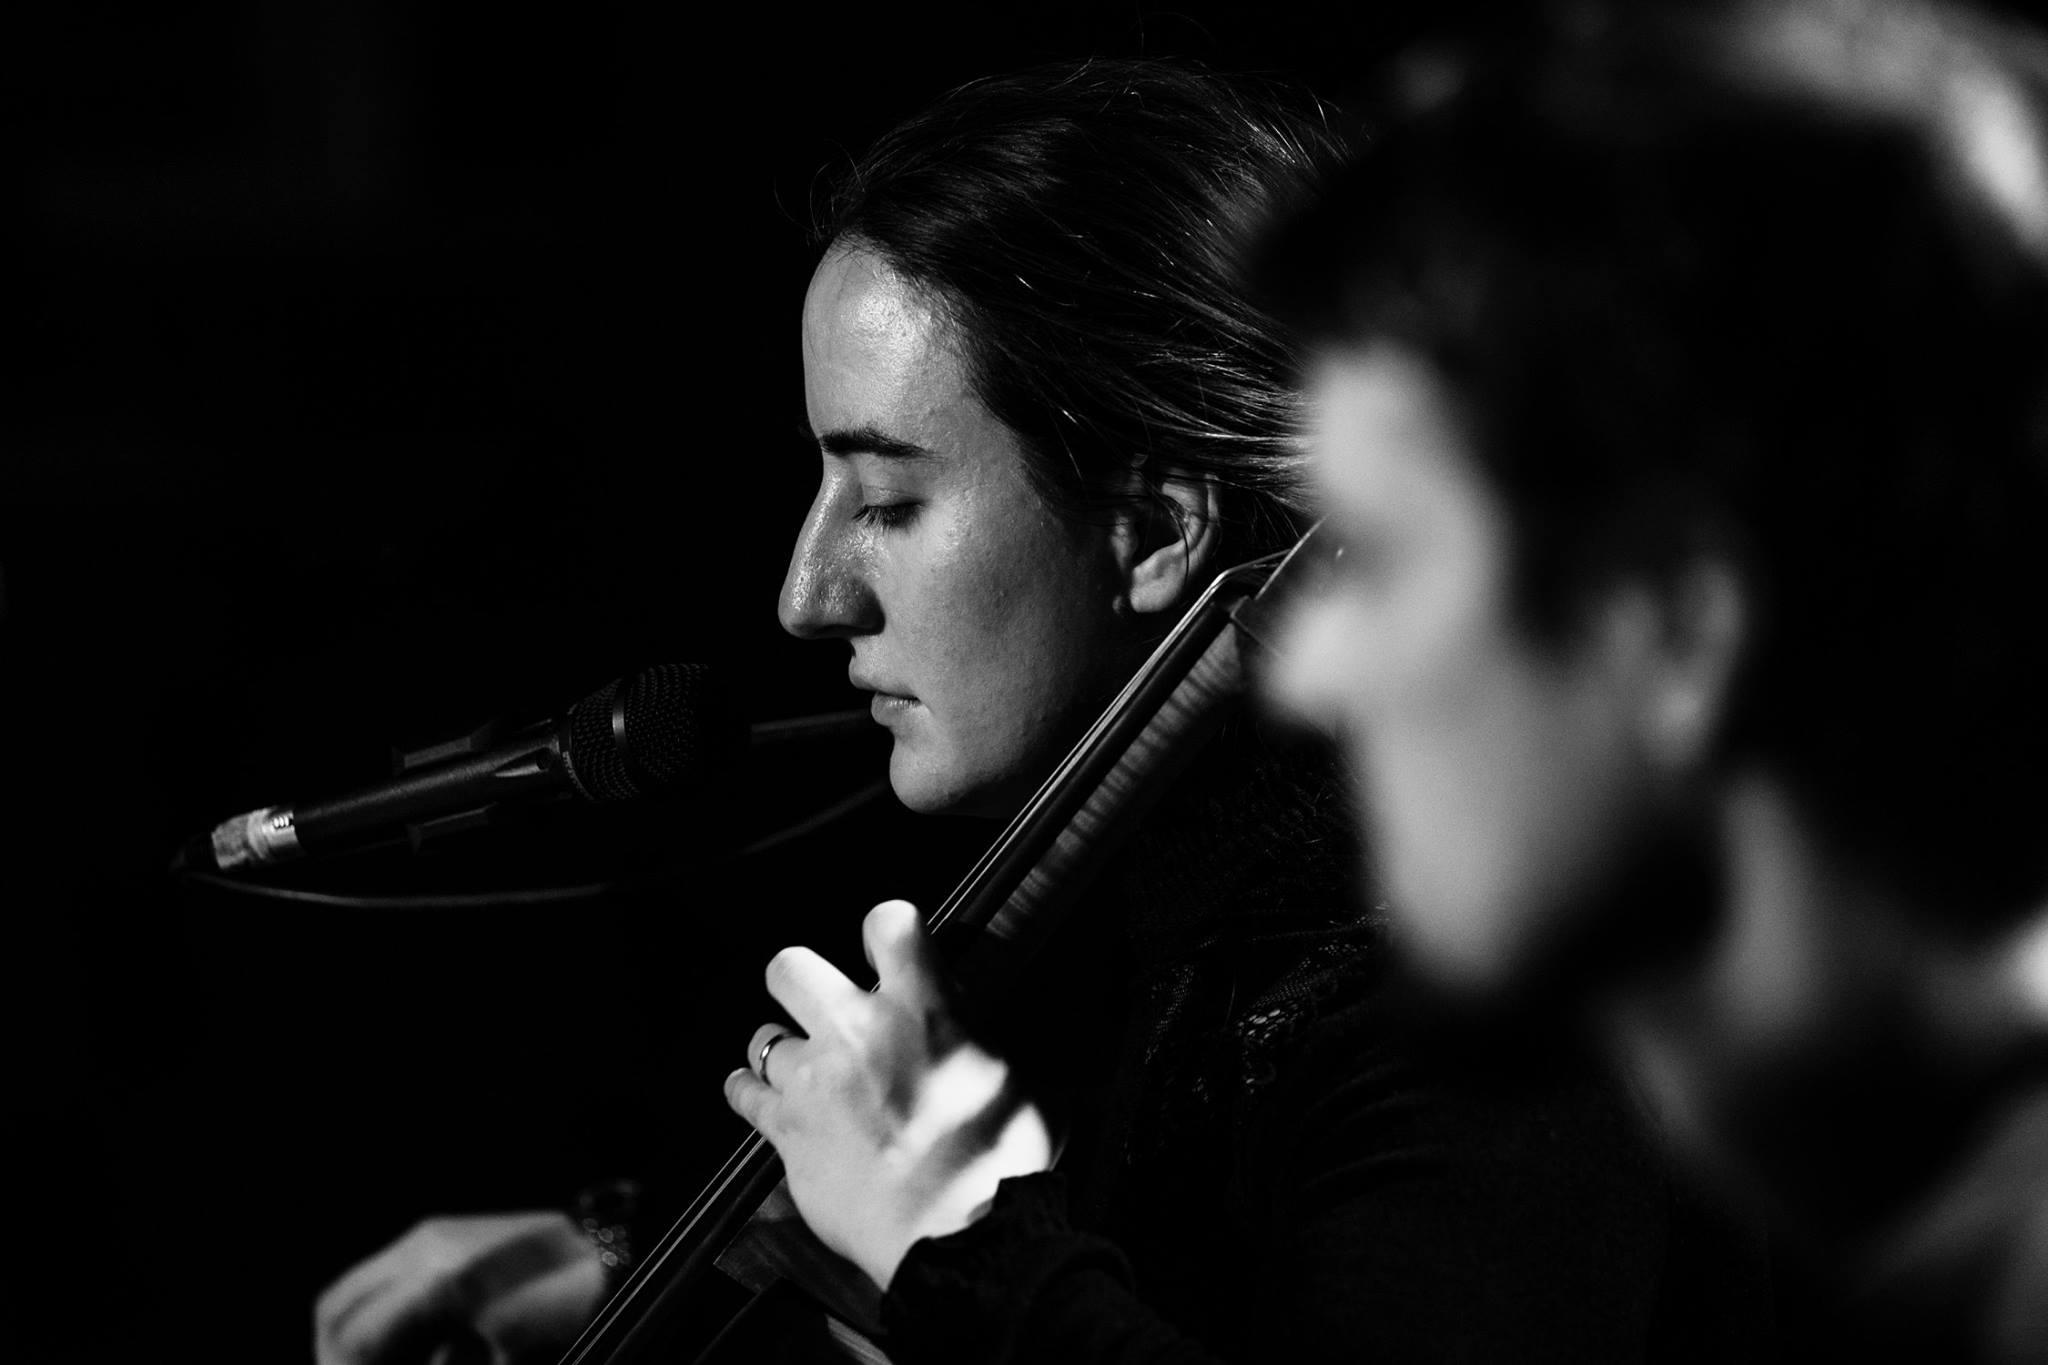 Poetrio v Jazz in jaz 21.11.17 na Radiu Koper z Mojco Maljevac